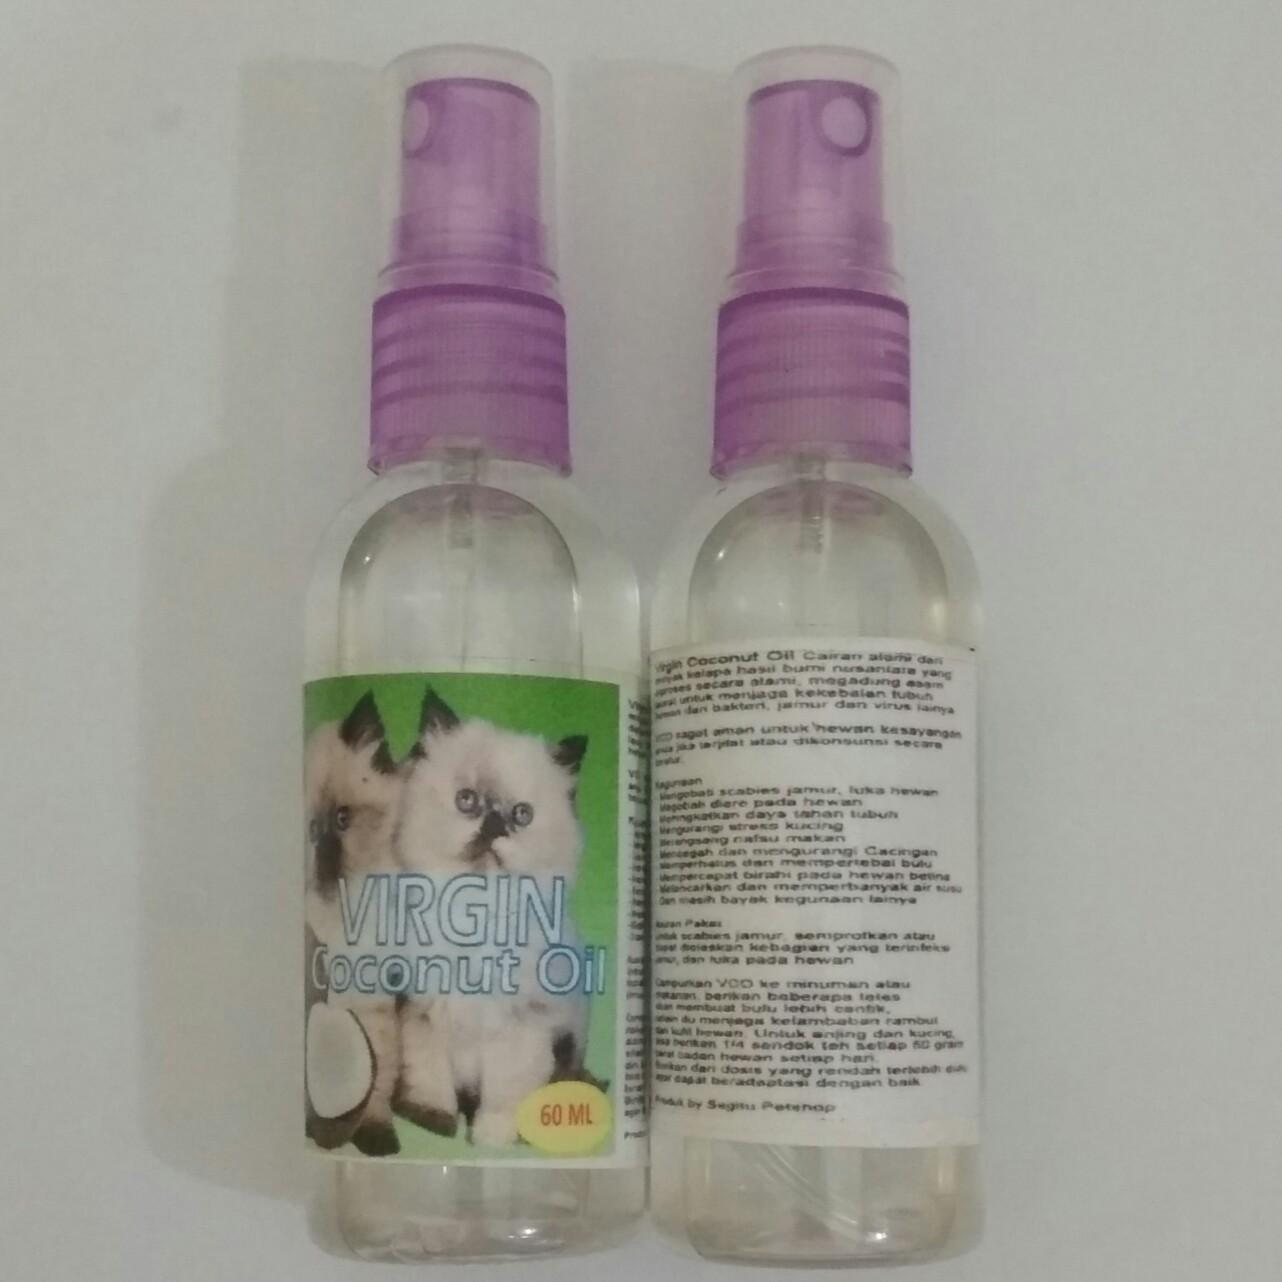 Obat Vitamin Kucing Skebies Obat Cacing Koreng Luka Vco Kucing 60 Ml By Petstore Tangerang.